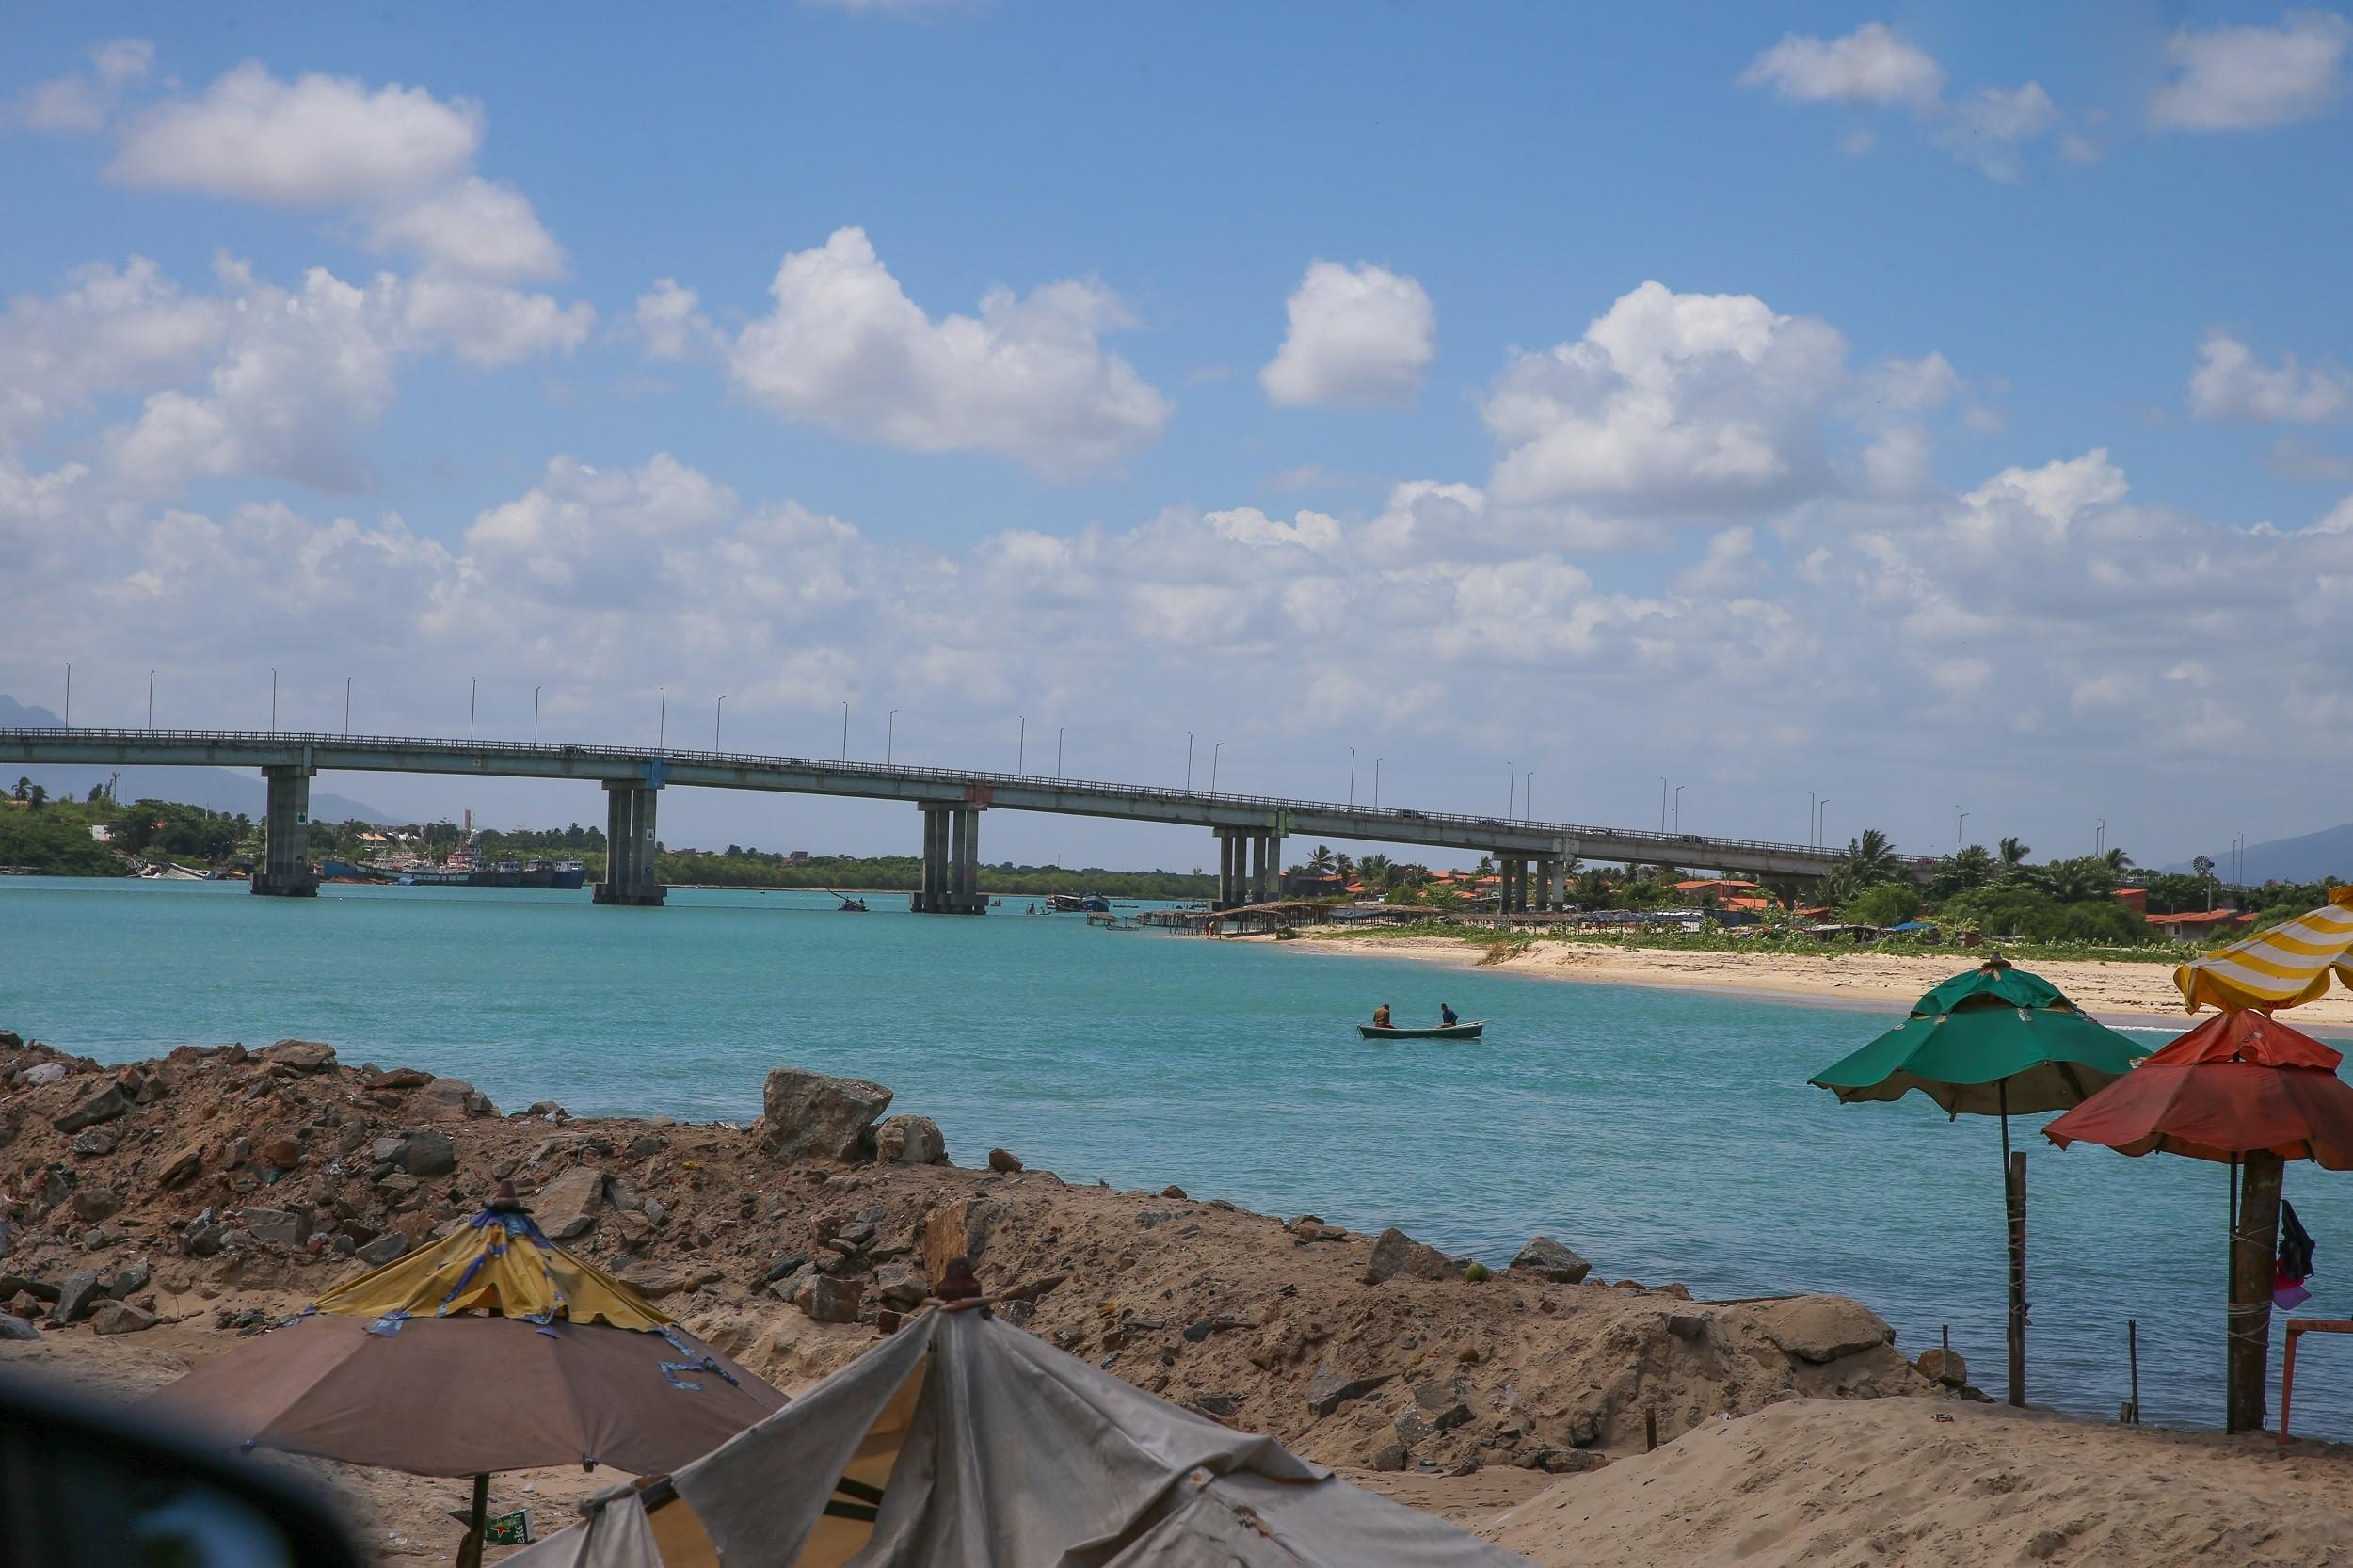 Fortaleza tem 18 trechos de praia impróprios para banho neste fim de semana